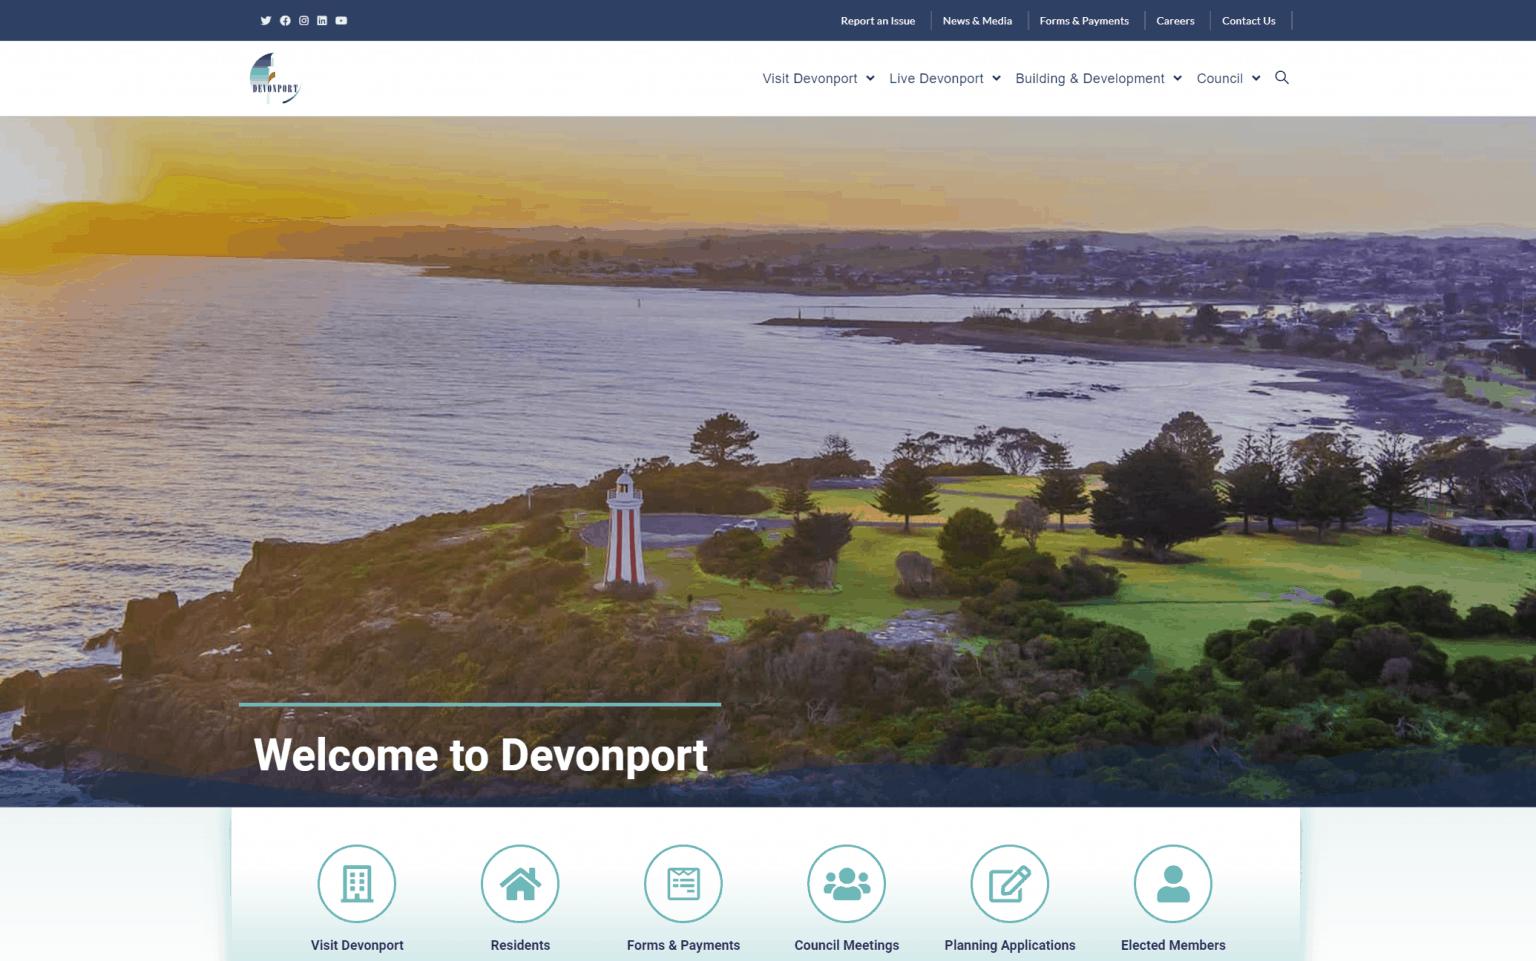 Devonport City Council